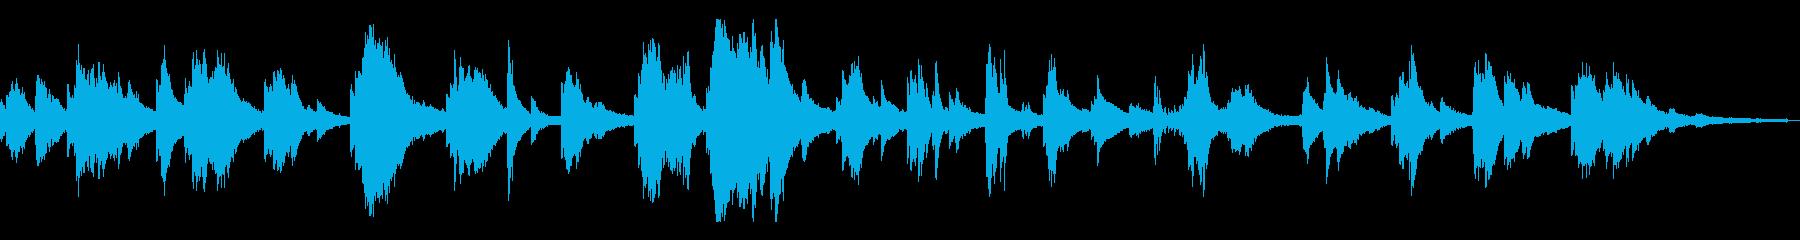 狂気/不気味な和風の雰囲気13-ピアノの再生済みの波形